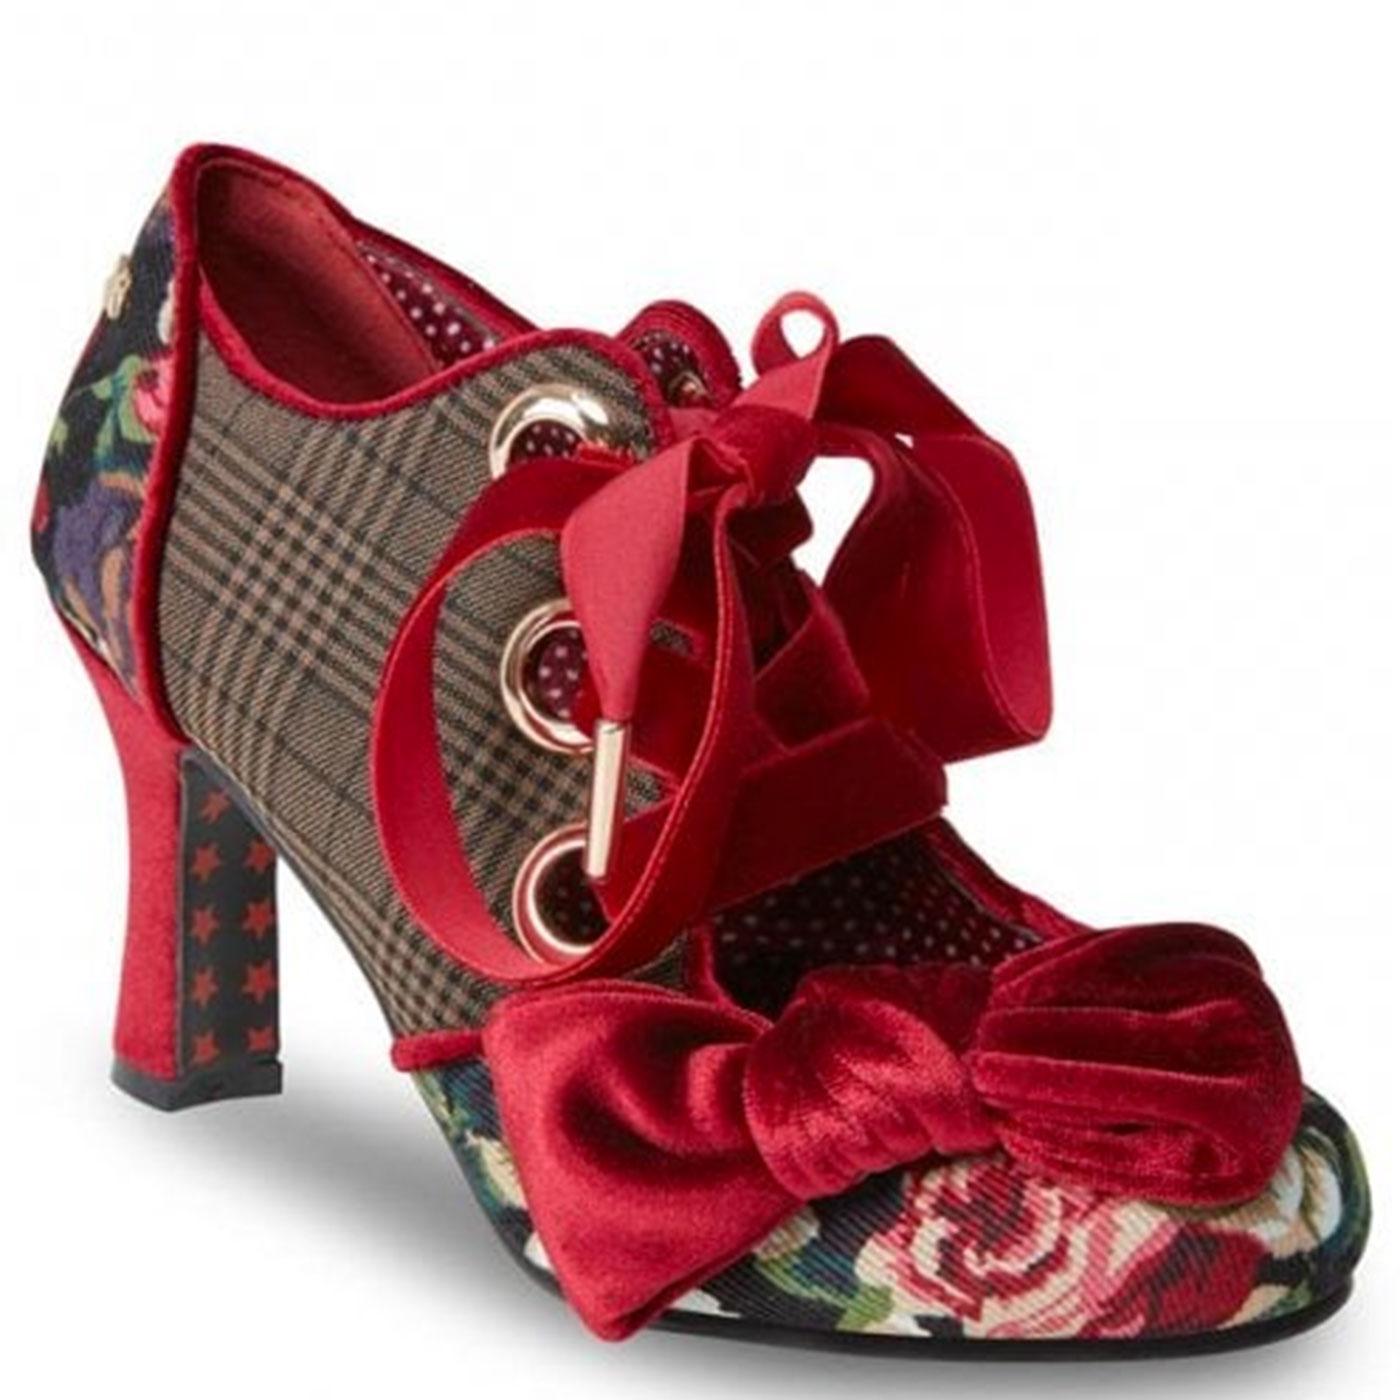 Ruby JOE BROWNS COUTURE Vintage Tweed Shoes